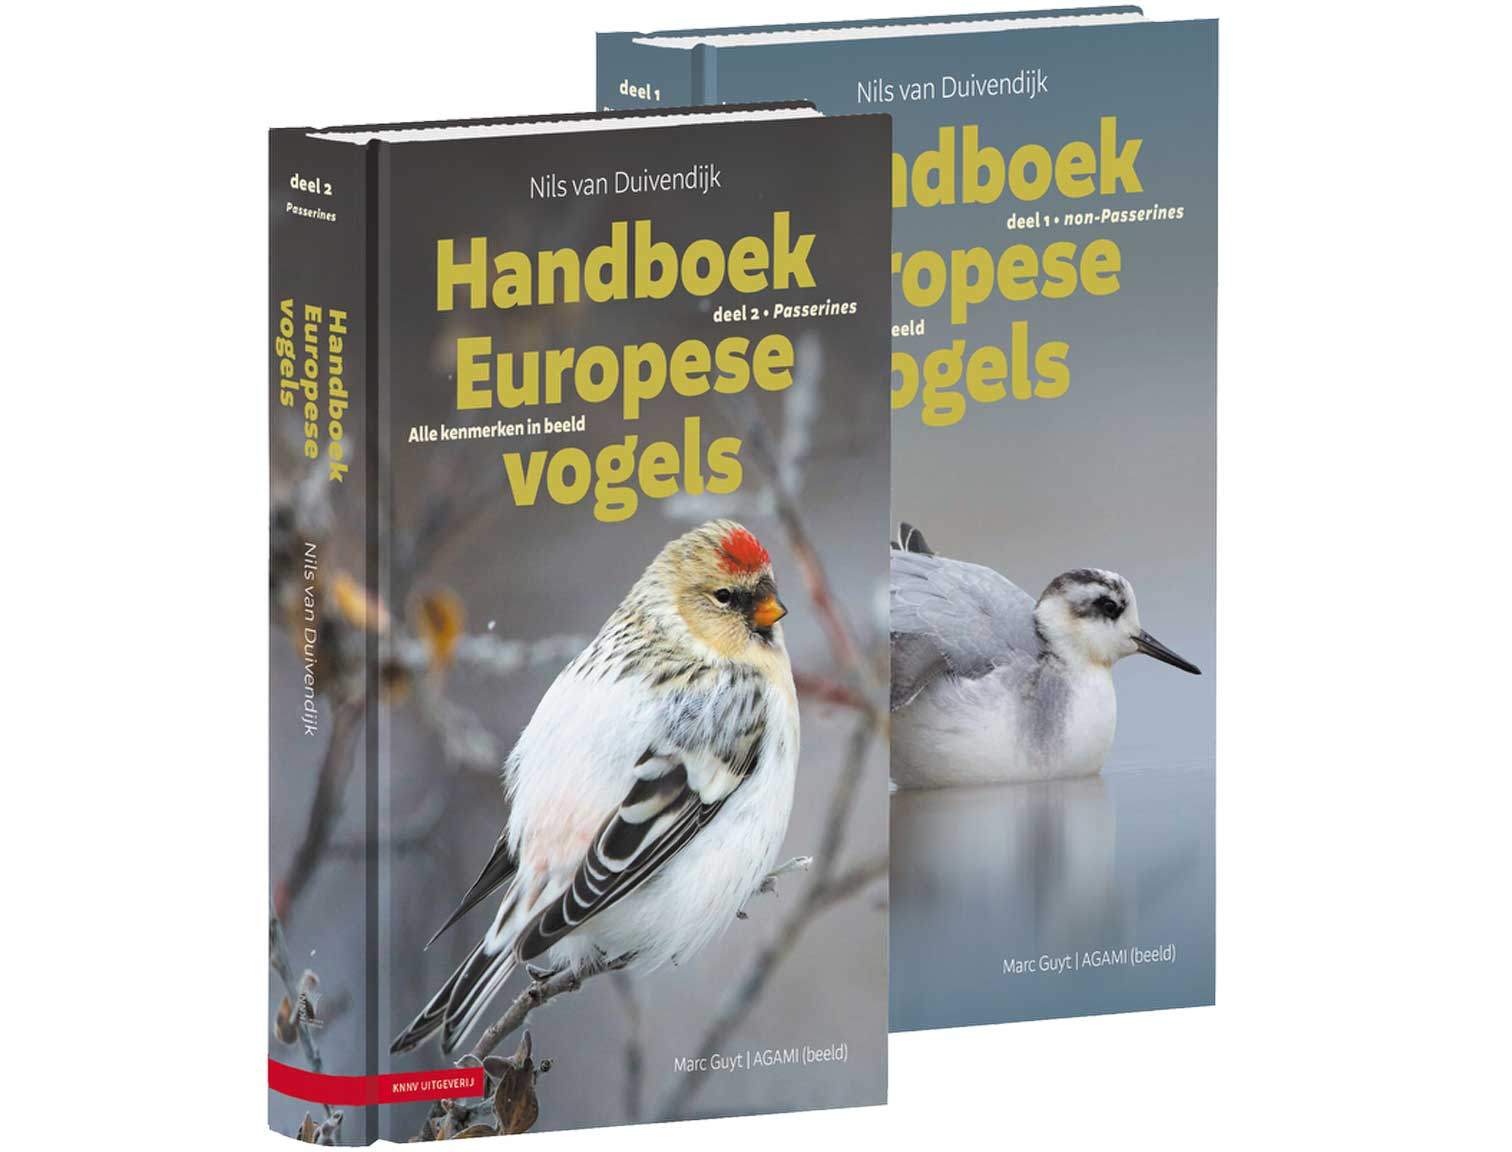 handboek_europese_vogels